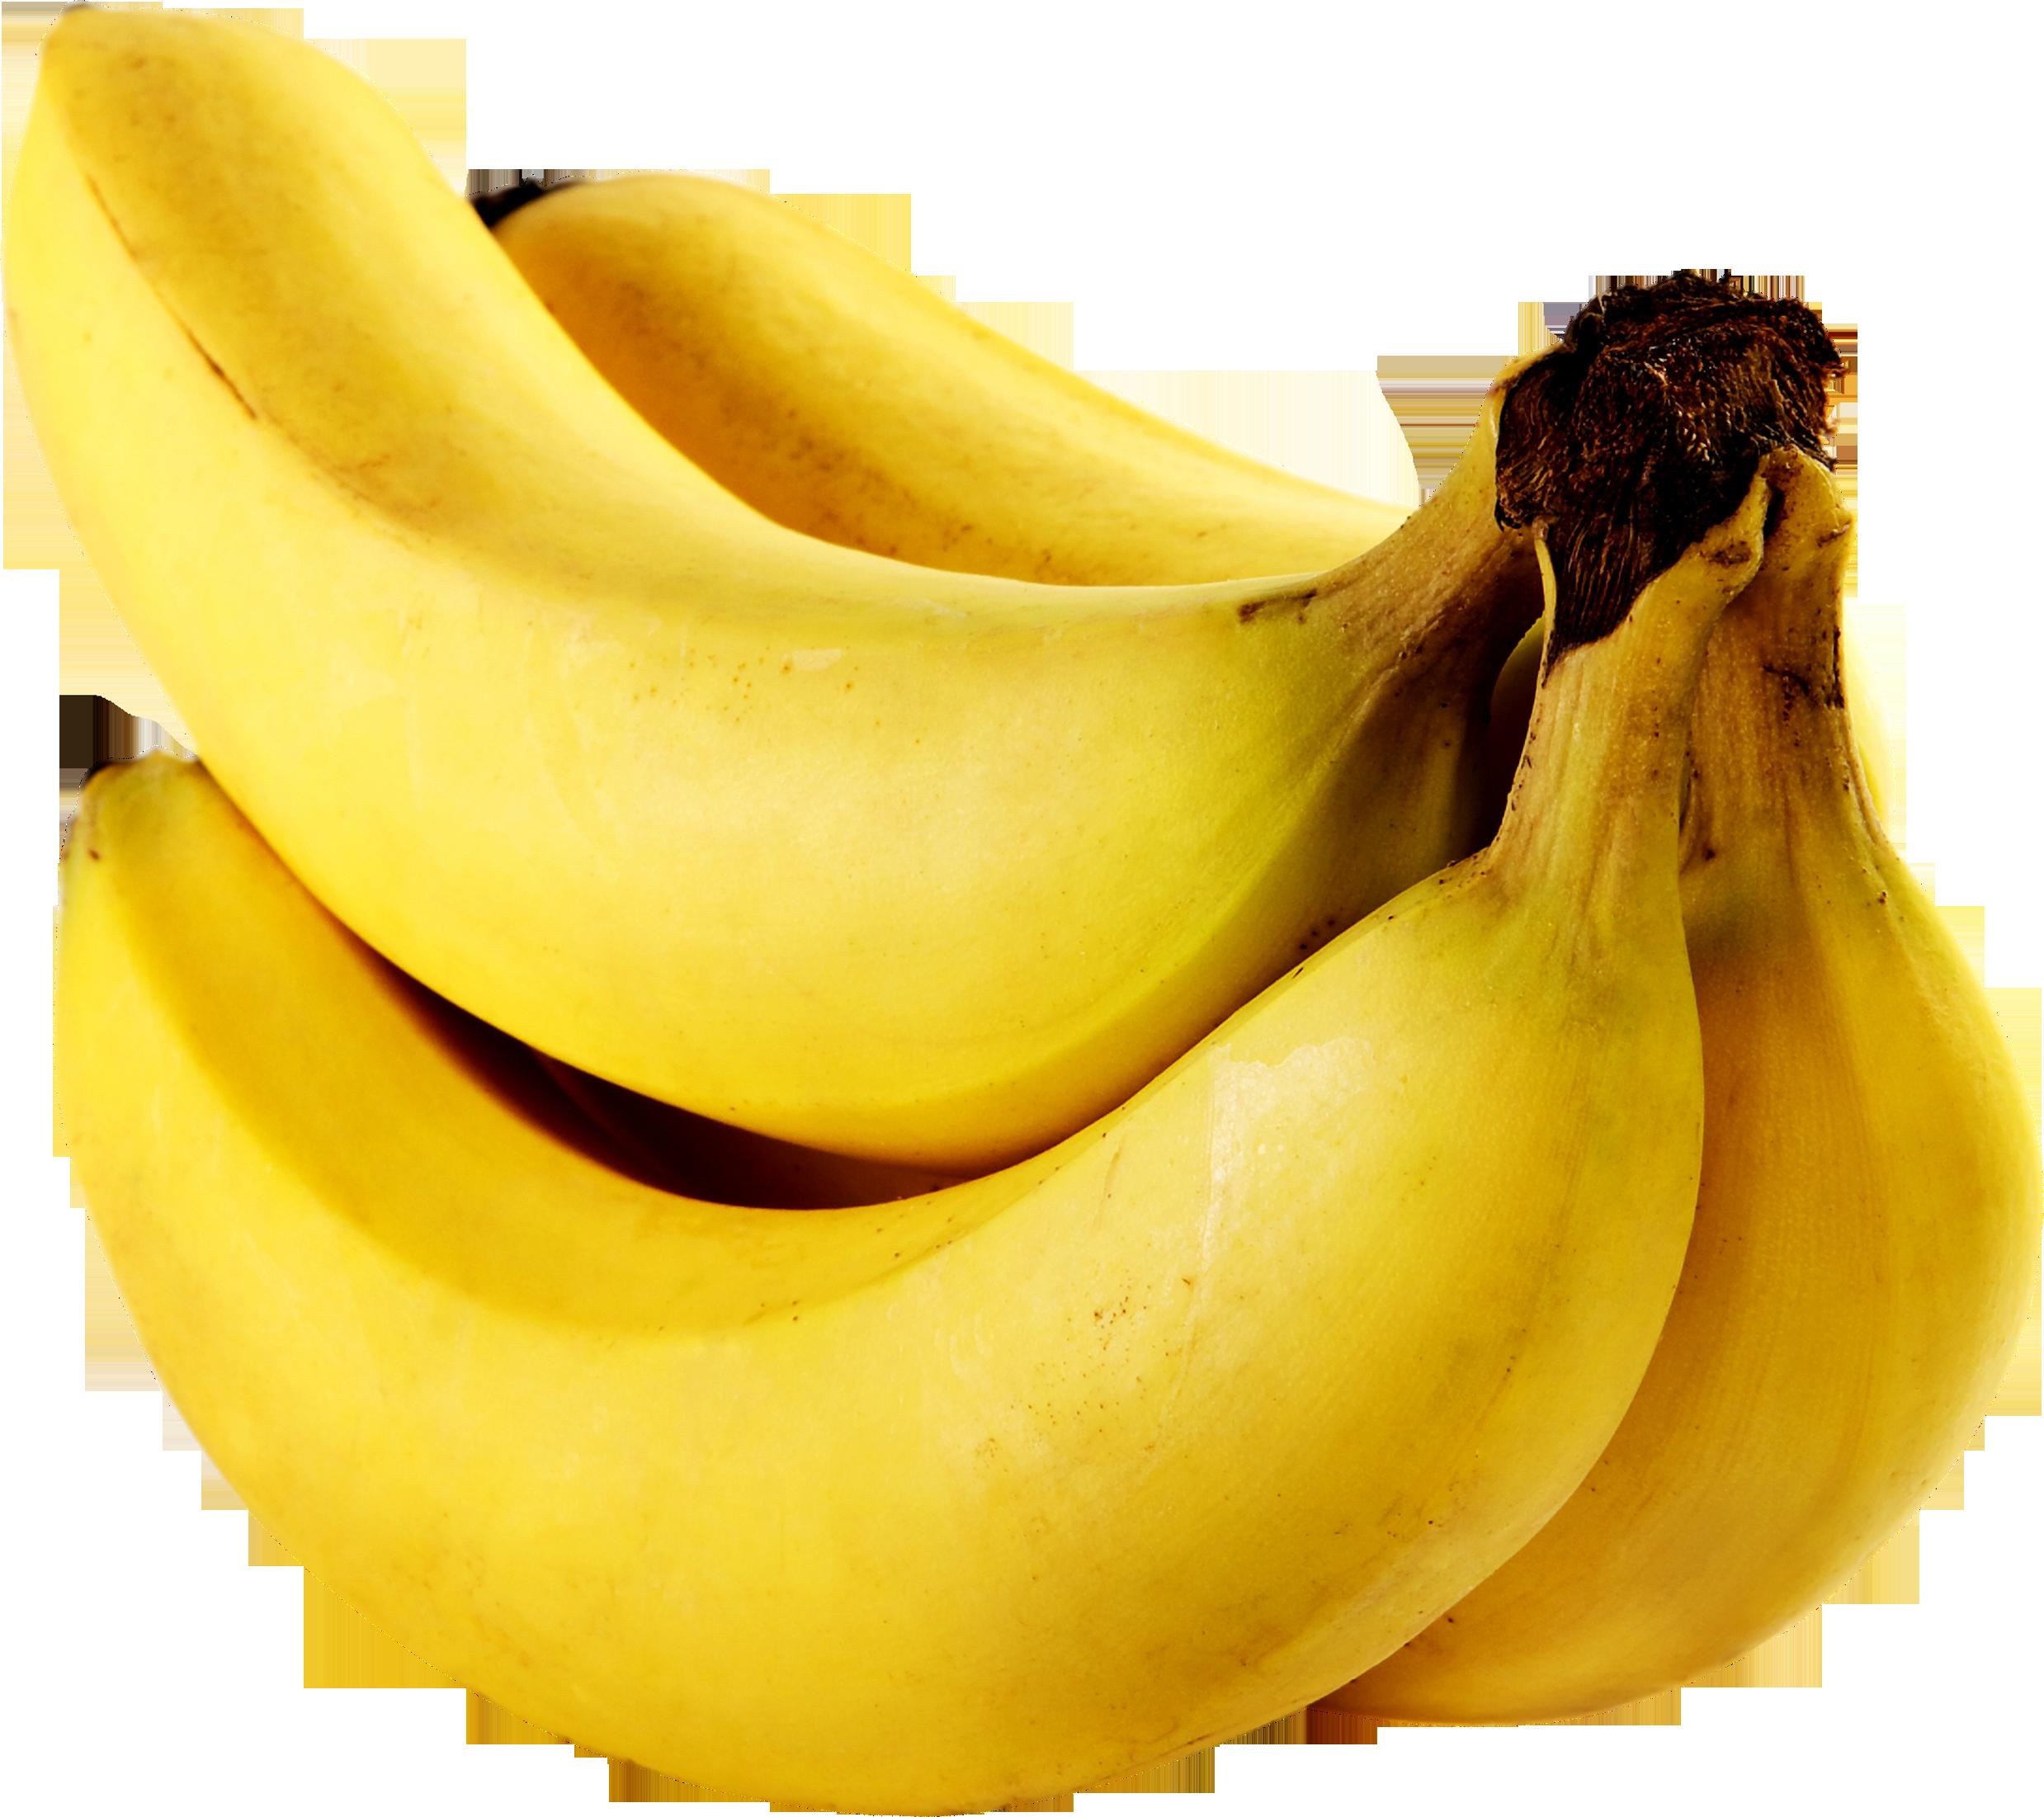 banana PNG image, bananas picture download - Banana PNG